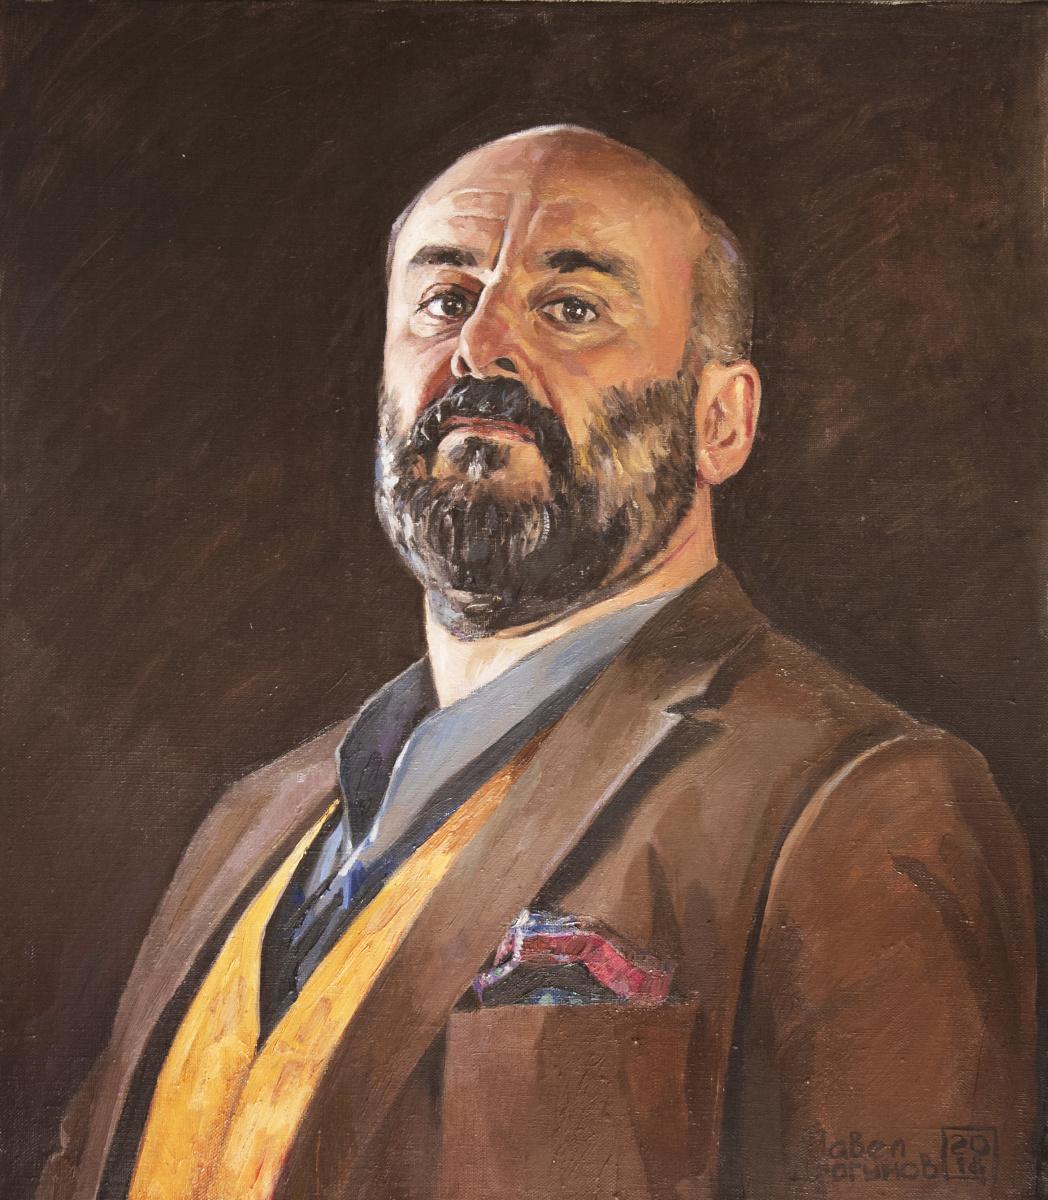 Pavel Gennadievich Dragunov. Portrait of David Livermore